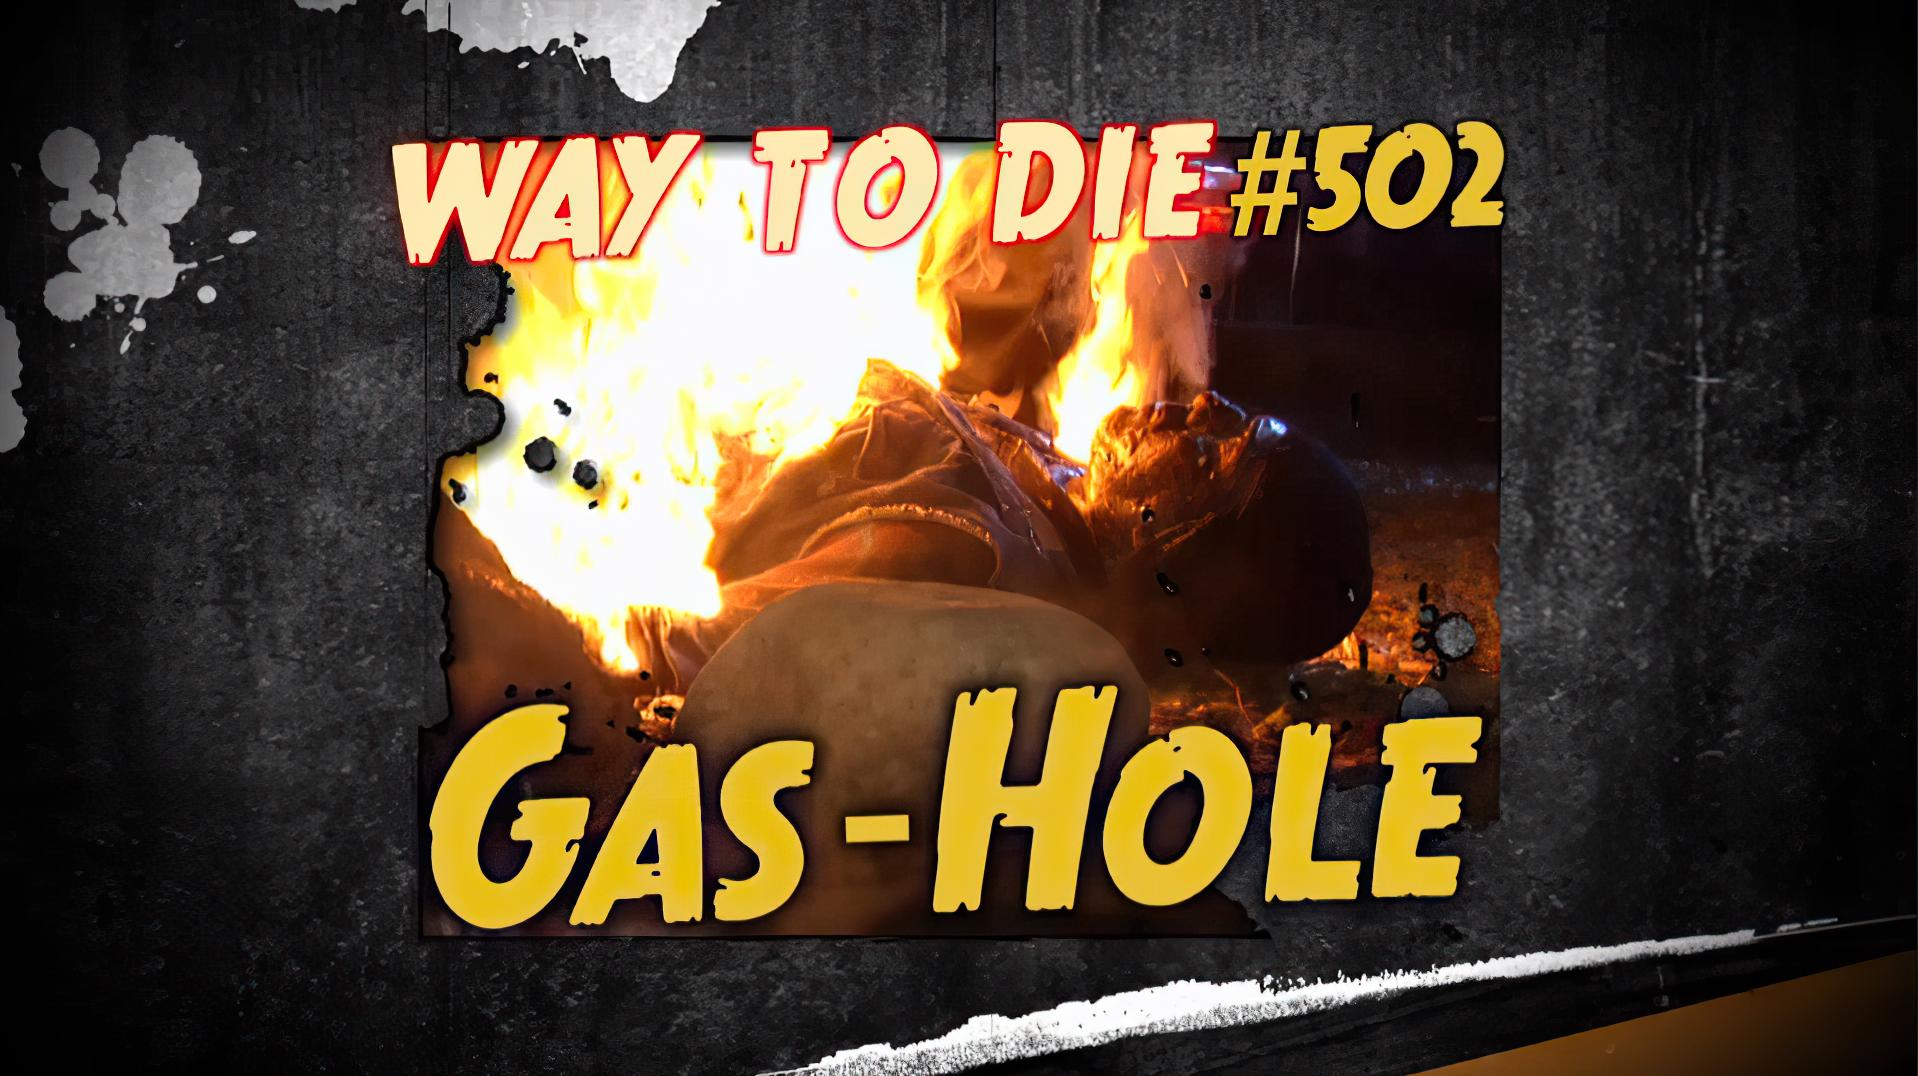 Gas-Hole